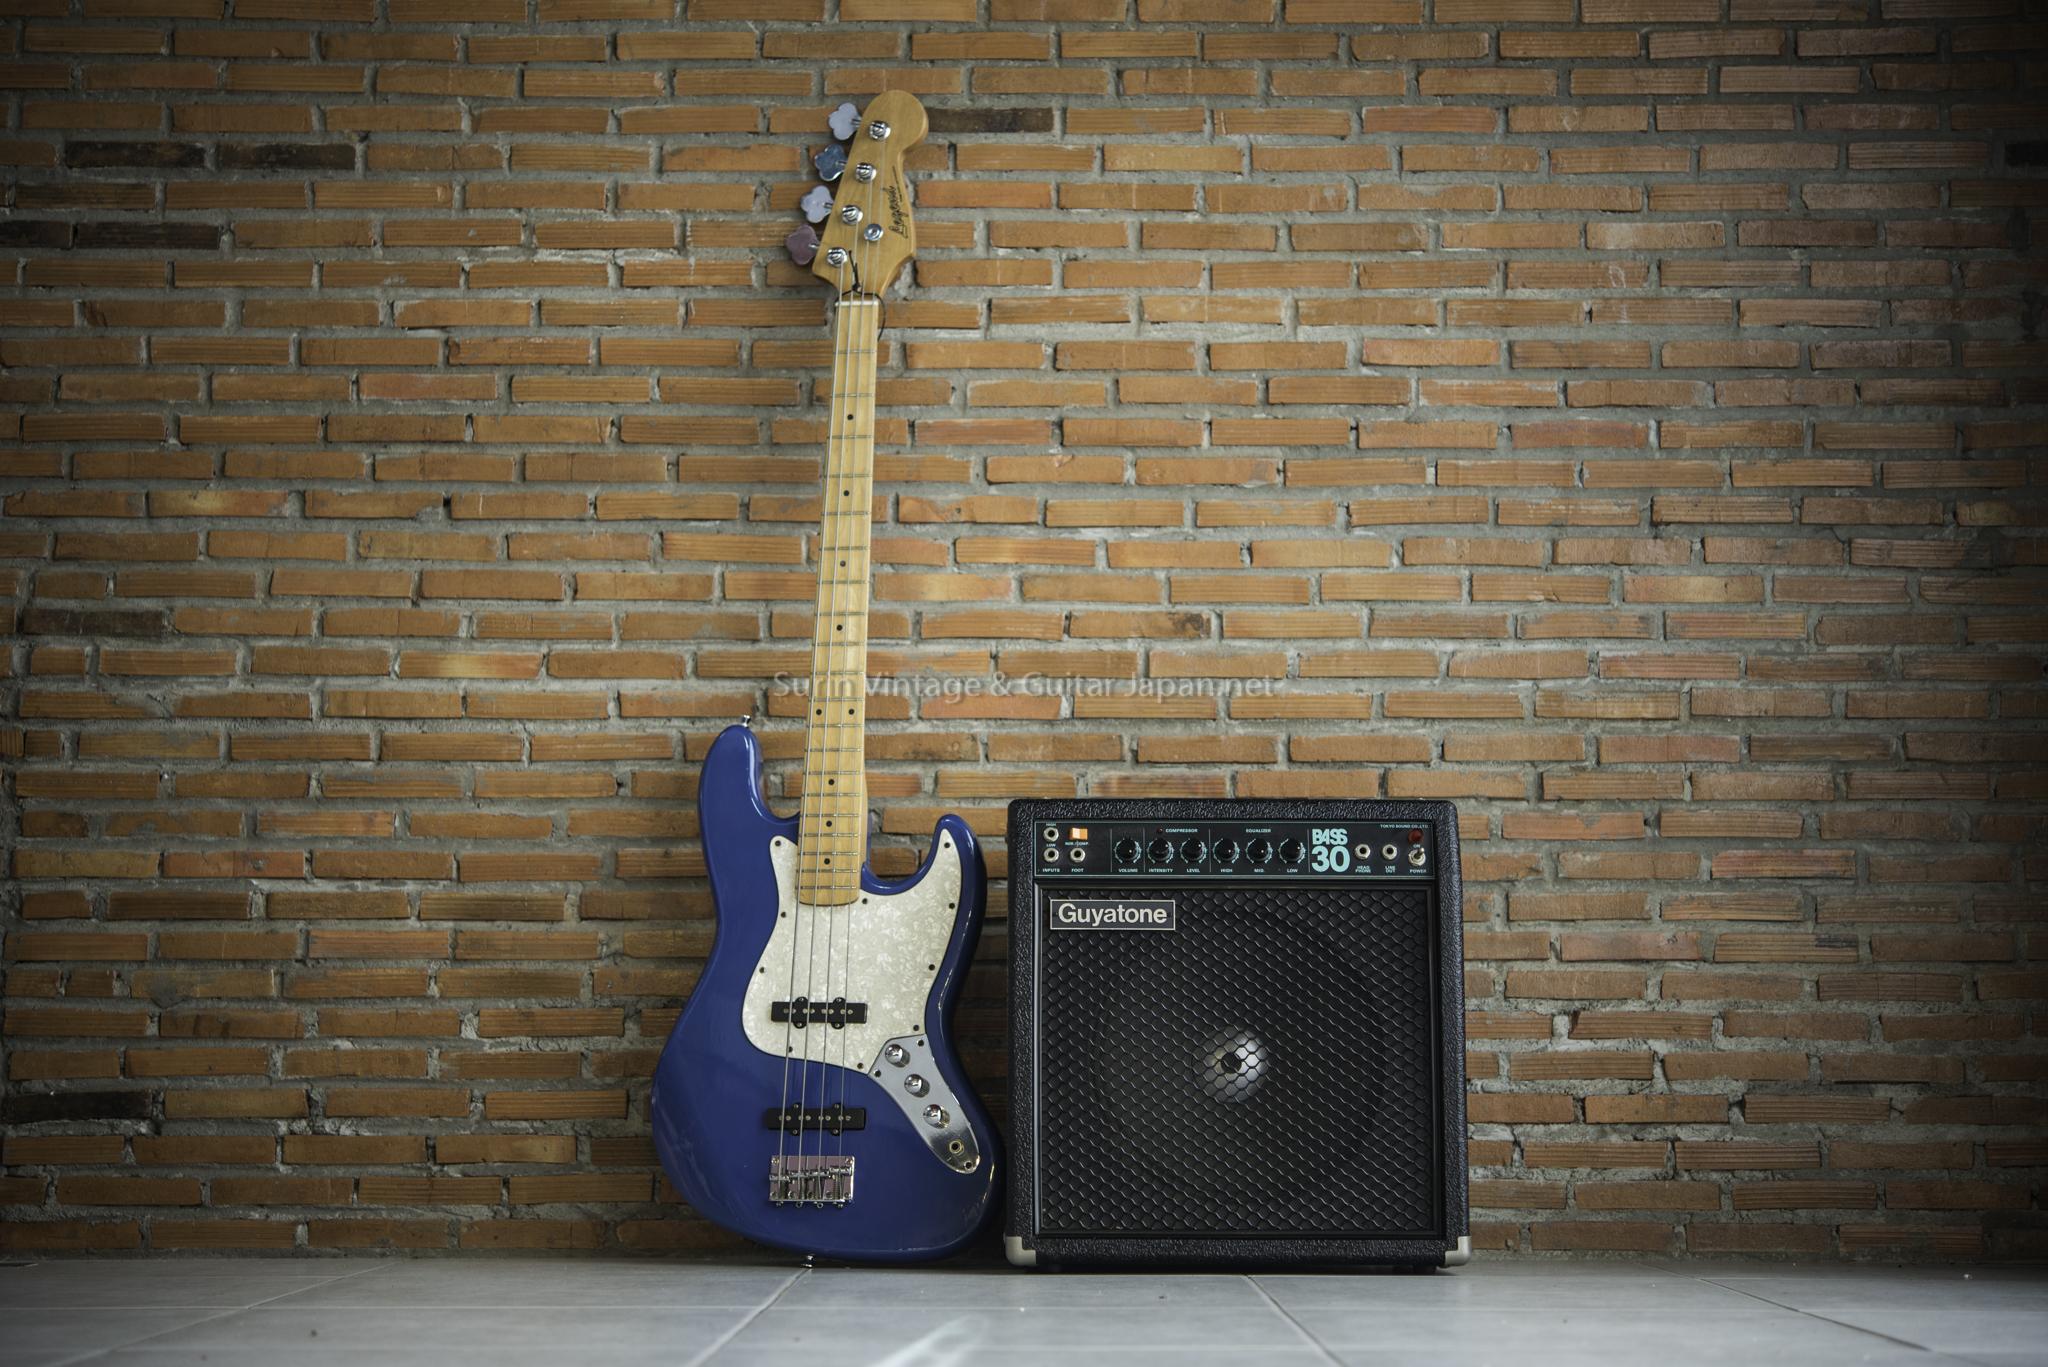 แอมป์เบสไฟฟ้ามือสอง GUYATONE Bass 30 No.2